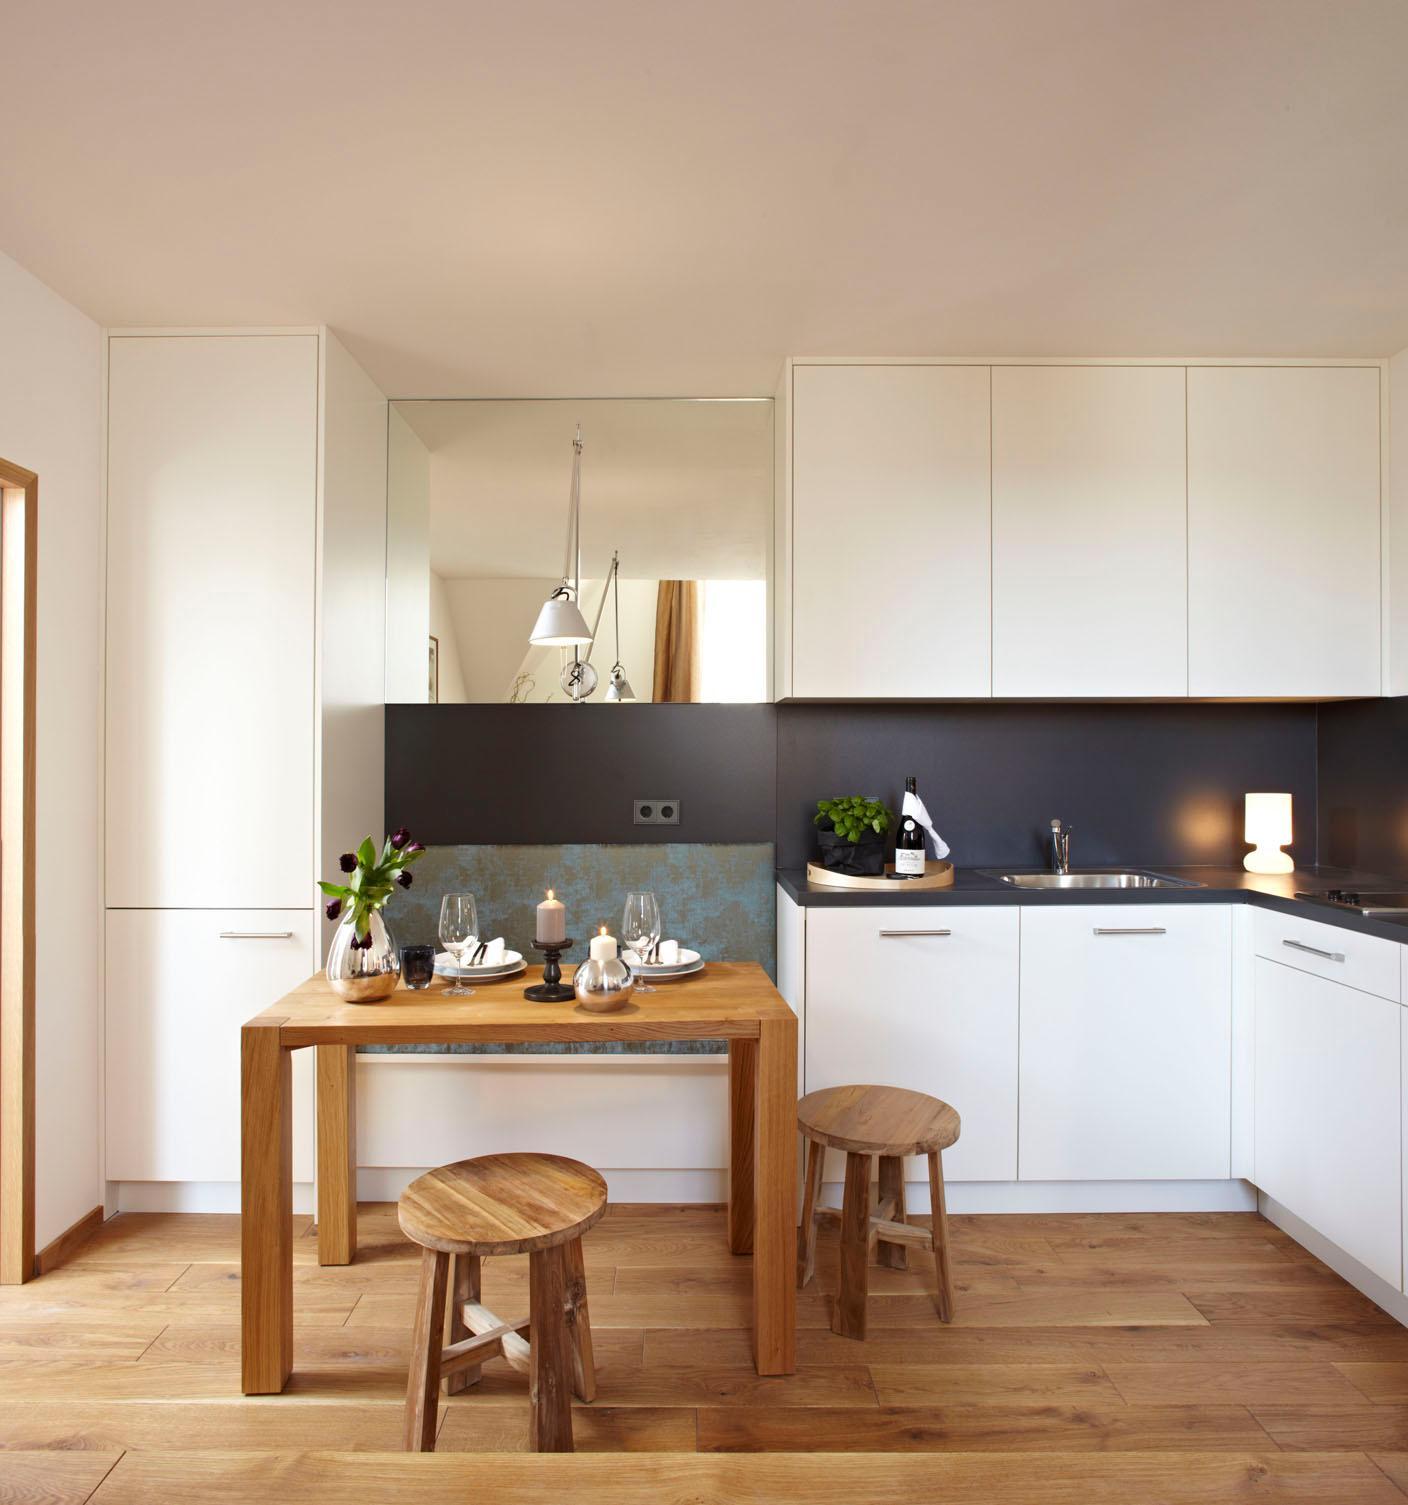 massgefertigte küche mit integrierter sitzbank spie